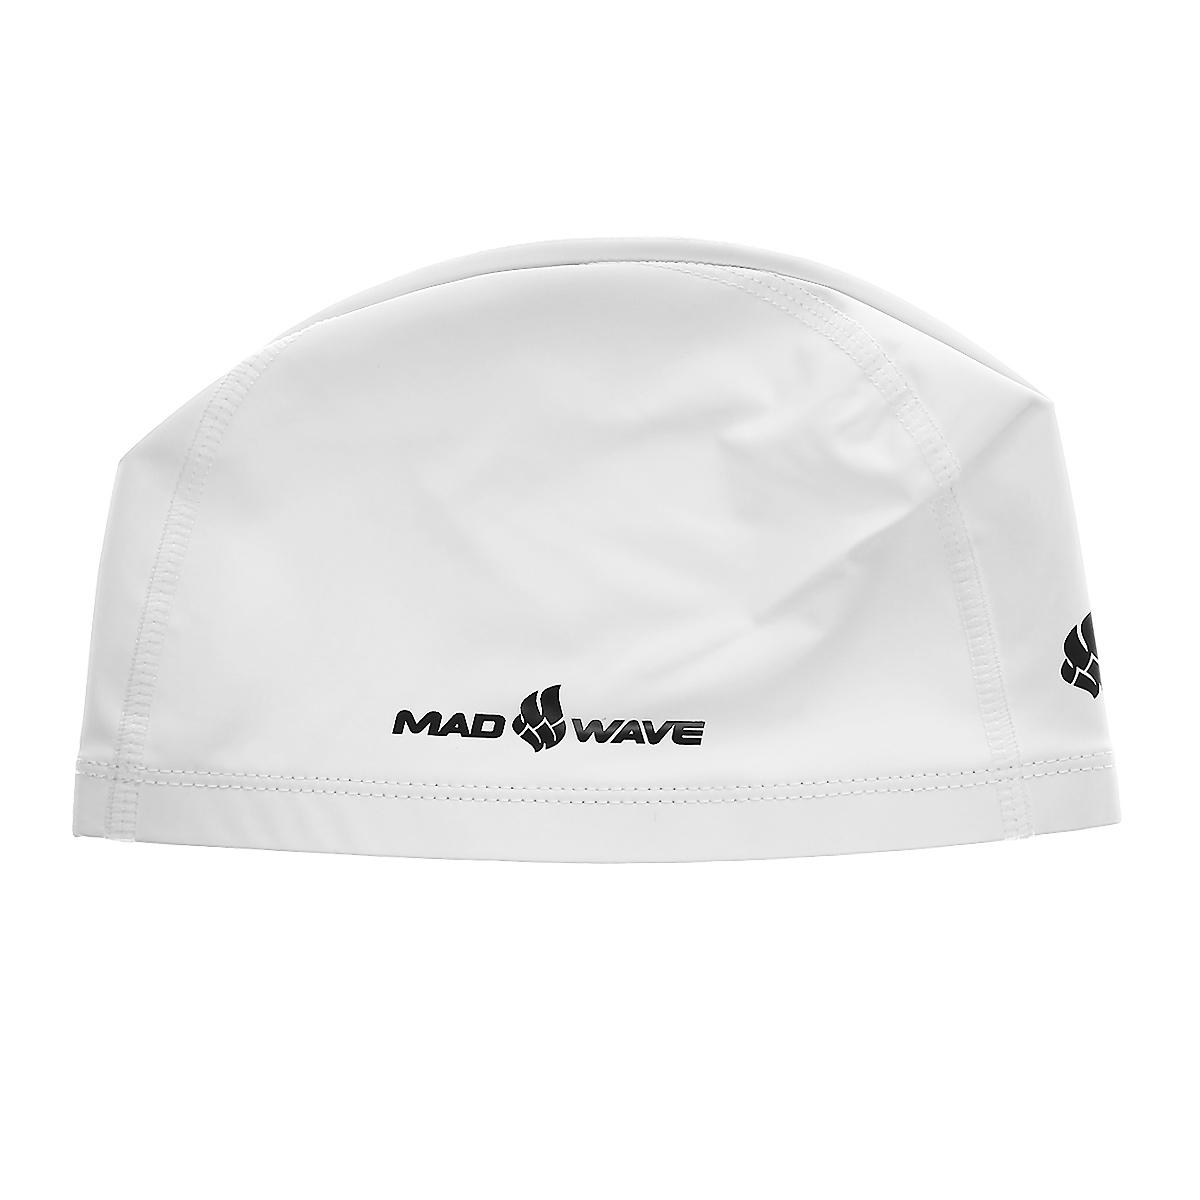 Шапочка для плавания Mad Wave PUT Coated, цвет: белыйM0552 02 0 02WТекстильная шапочка Mad Wave PUT Coated с полиуретановым покрытием. Лучший выбор для ежедневных тренировок. Легкая и эргономичая. Легко снимается и надевается, хорошо садится по форме головы и очень комфортна, благодаря комбинации нескольких материалов.